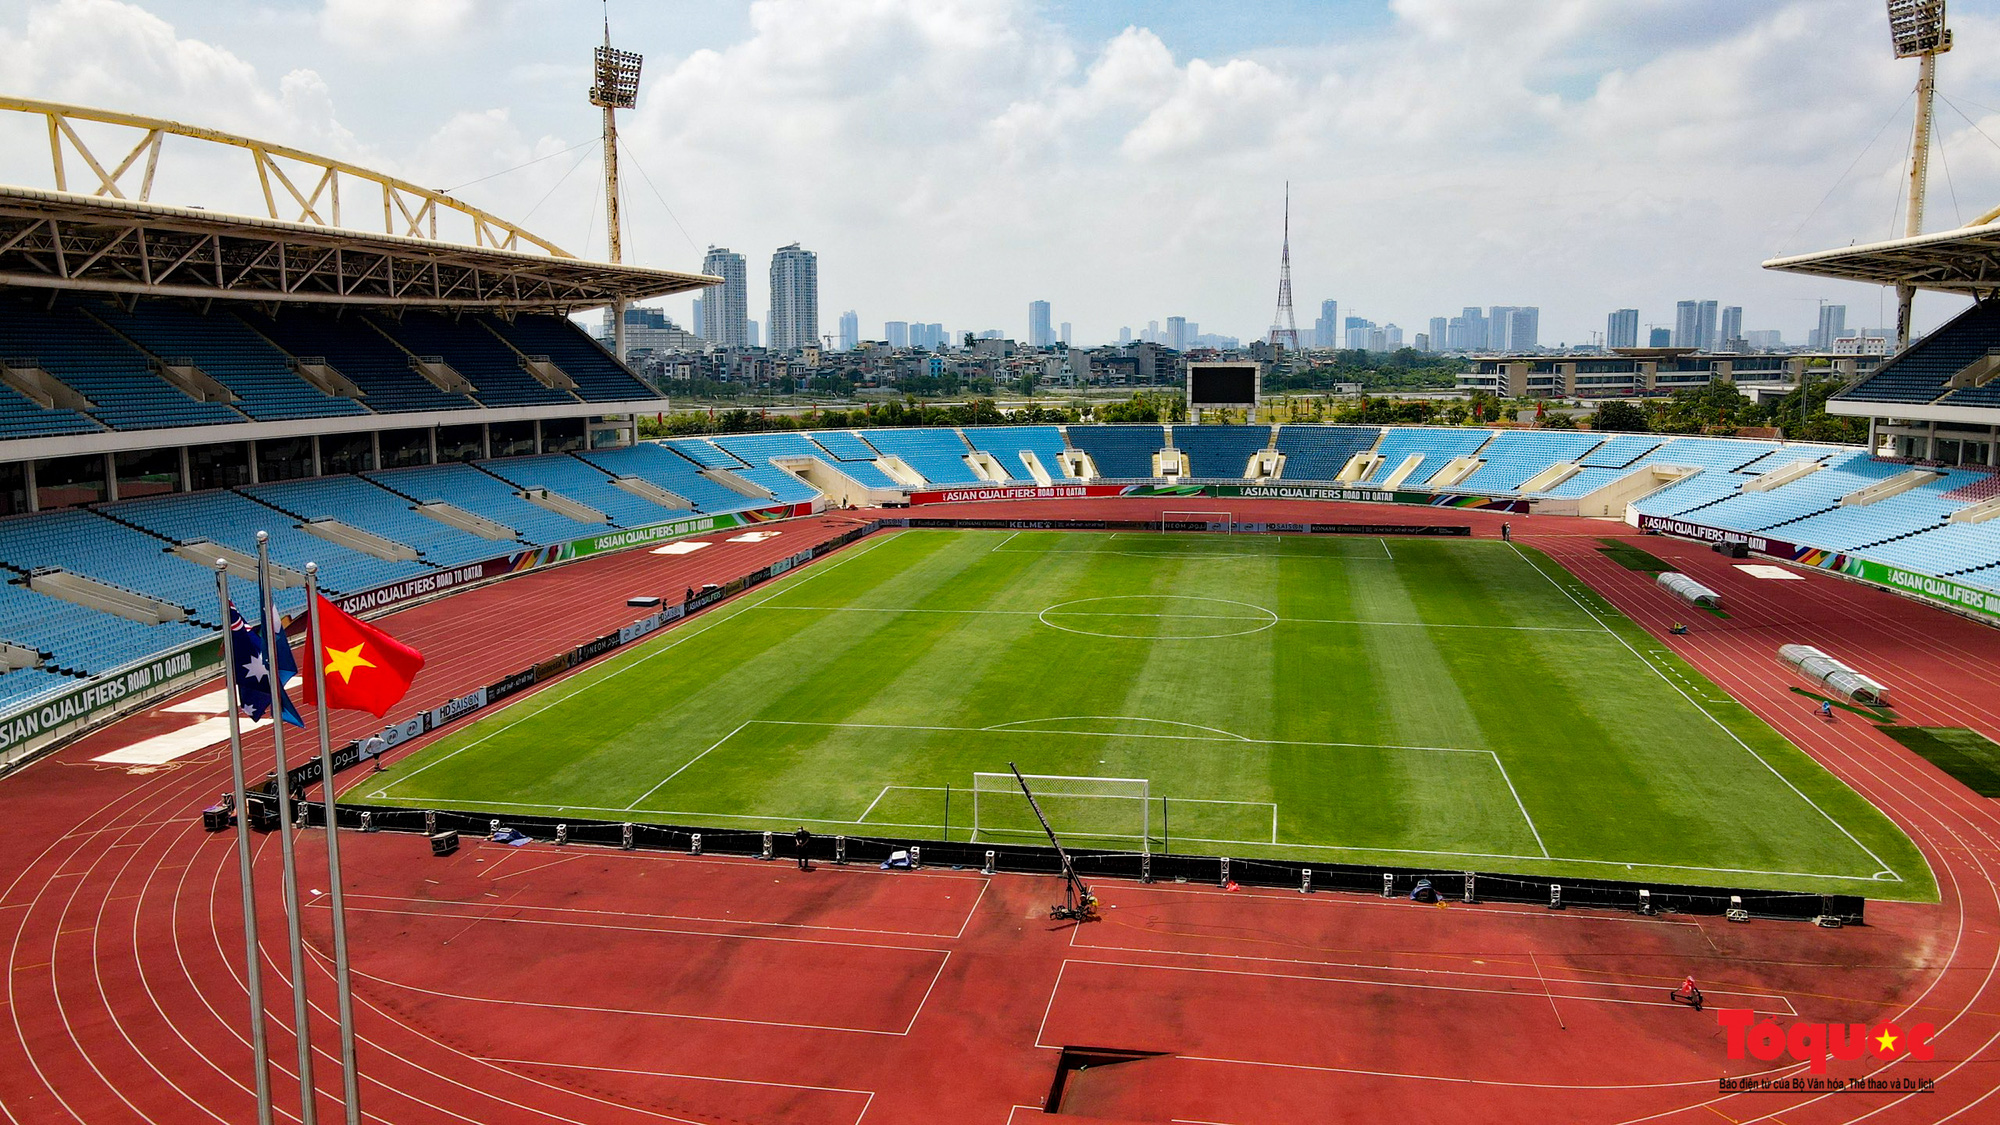 Đảm bảo an toàn tuyệt đối trận đấu giữa đội tuyển Việt Nam và Úc vòng loại thứ 3 World Cup 2022 khu vực châu Á - Ảnh 2.